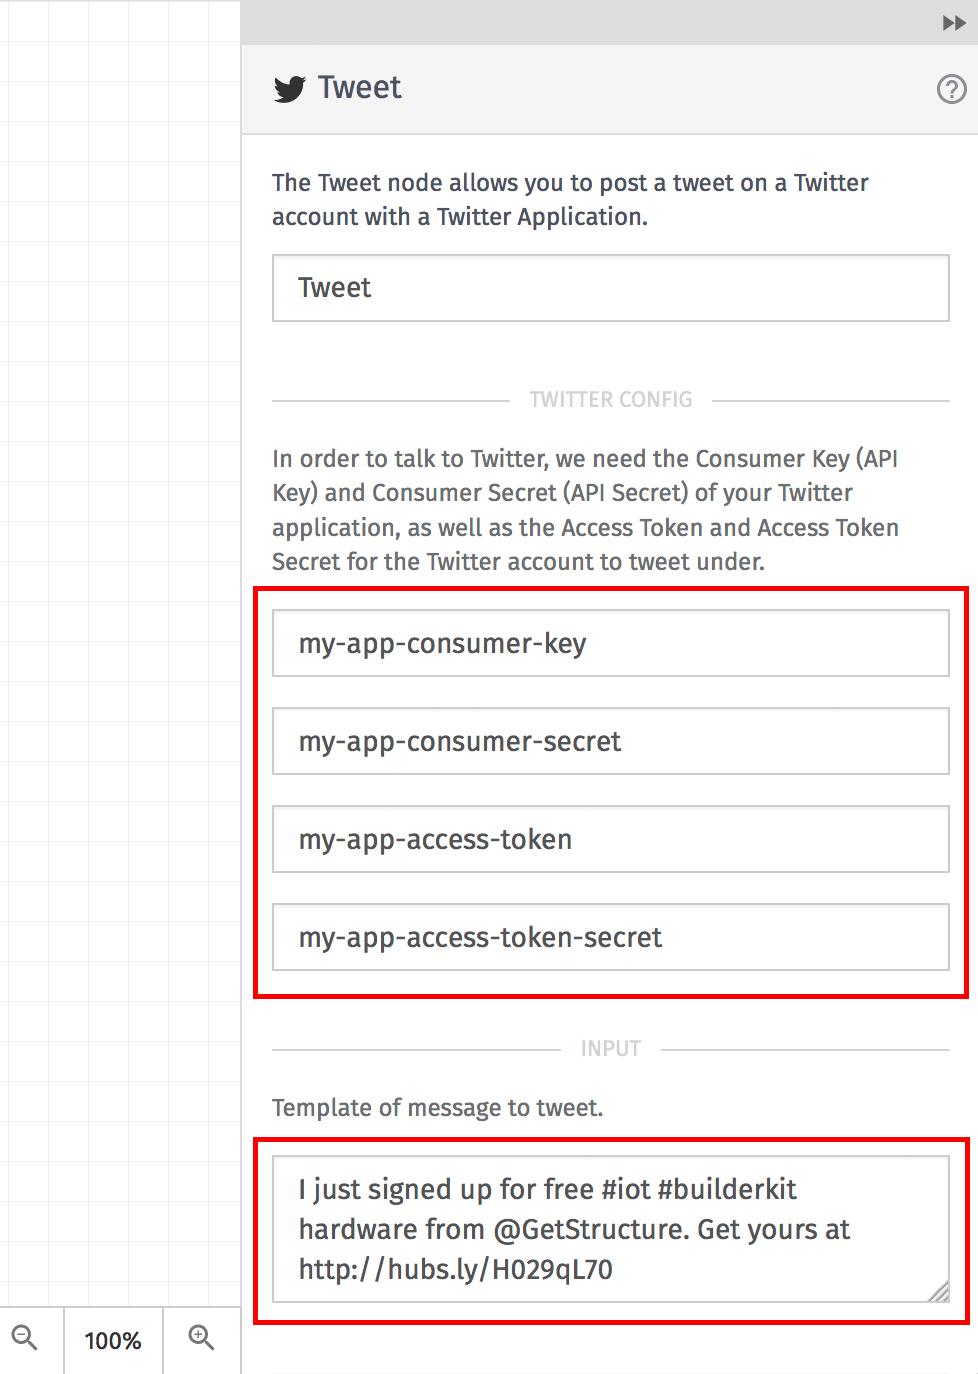 tweet-node-settings-3.png